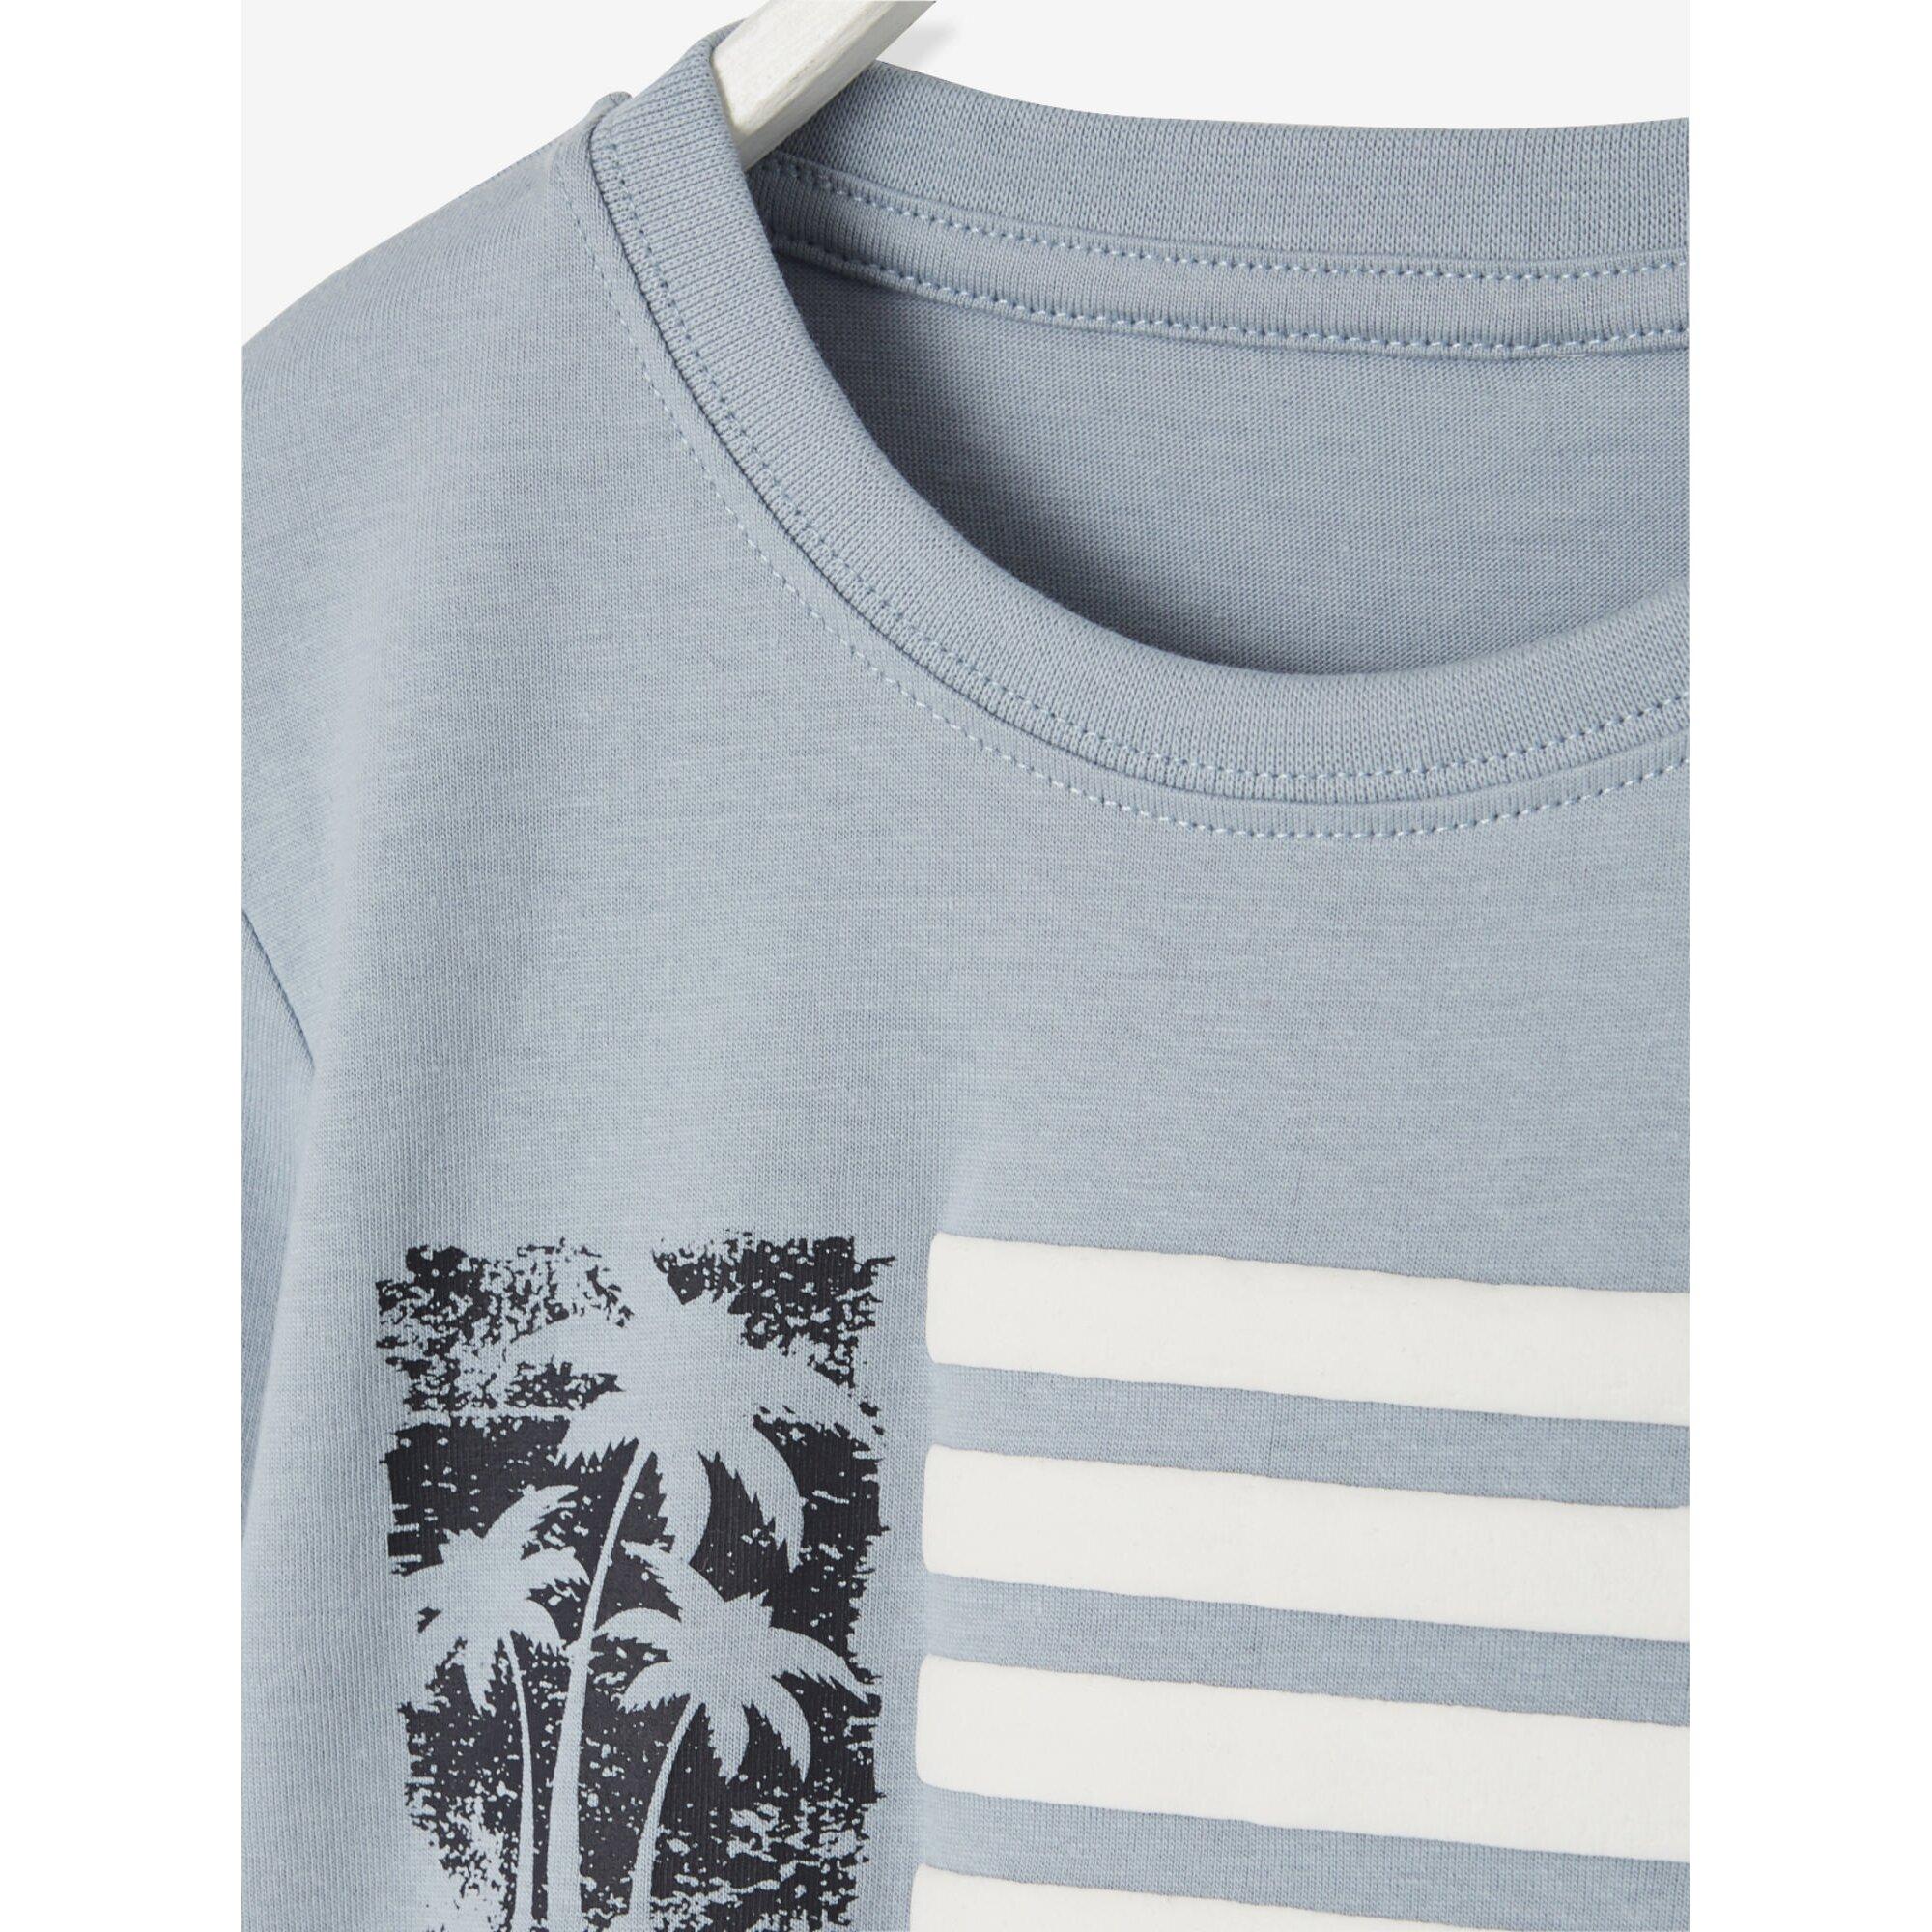 vertbaudet-jungen-shirt-applikation